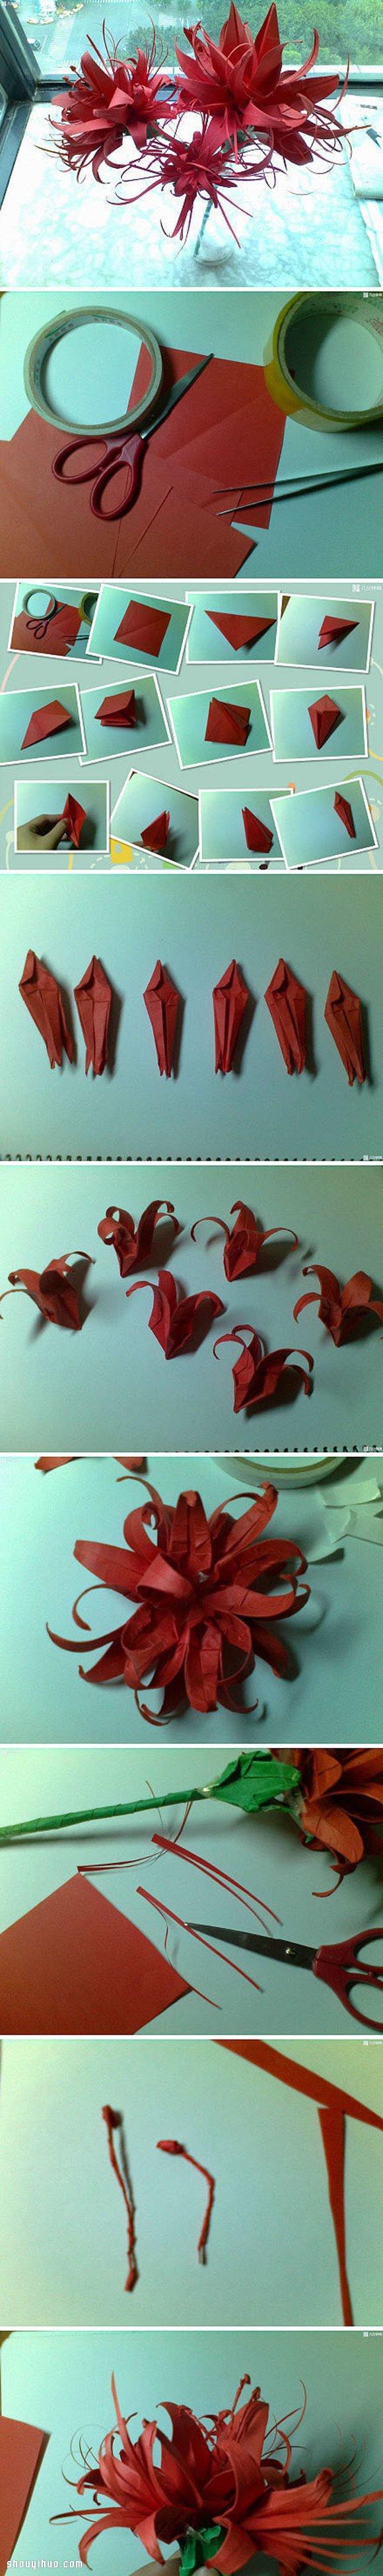 盛開熱帶花卉的折法圖解 手工摺紙漂亮花朵